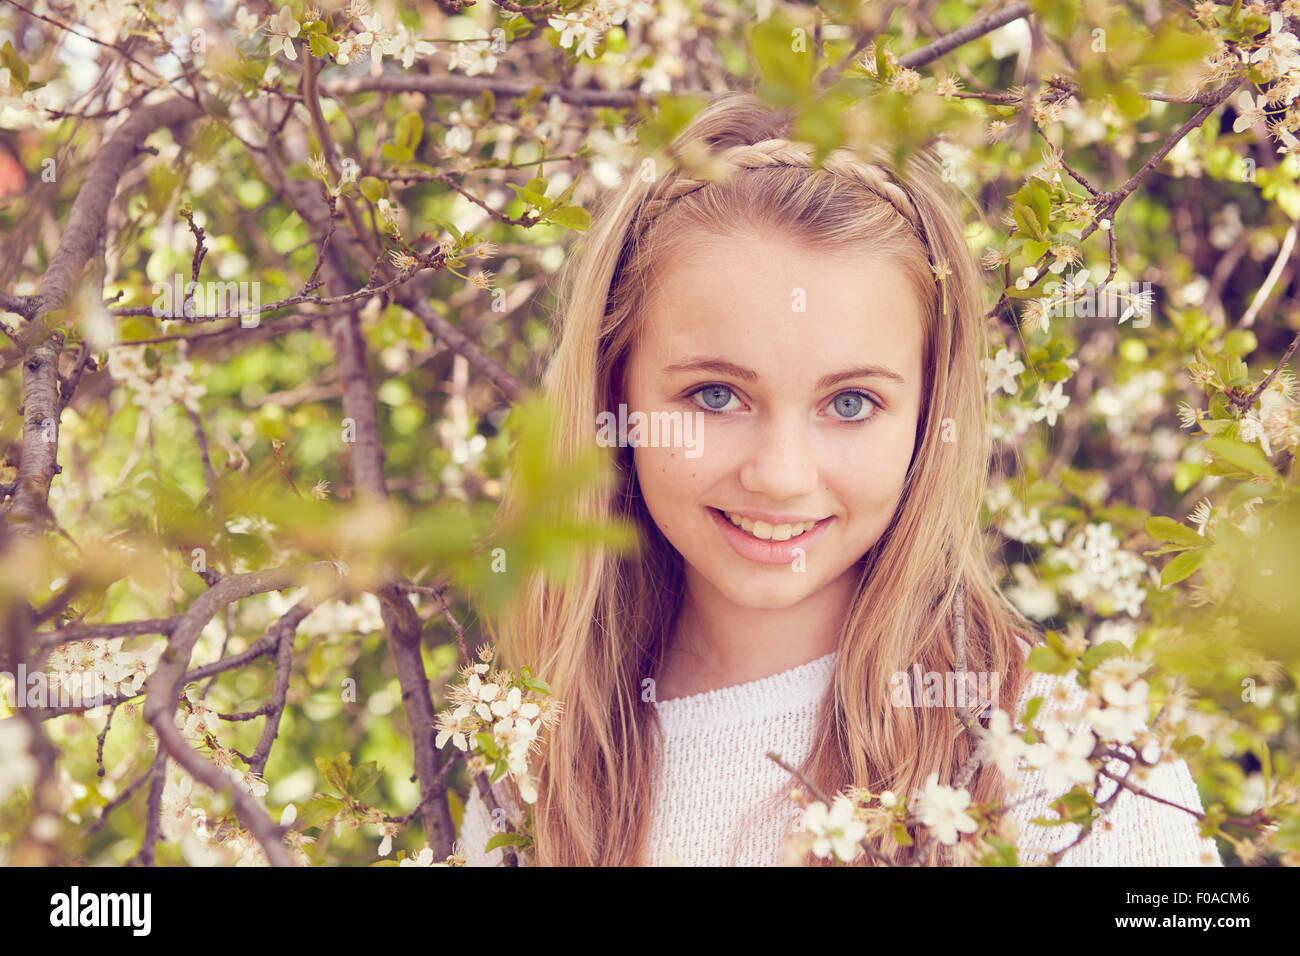 Portrait de jolie fille et l'arbre en fleurs Photo Stock